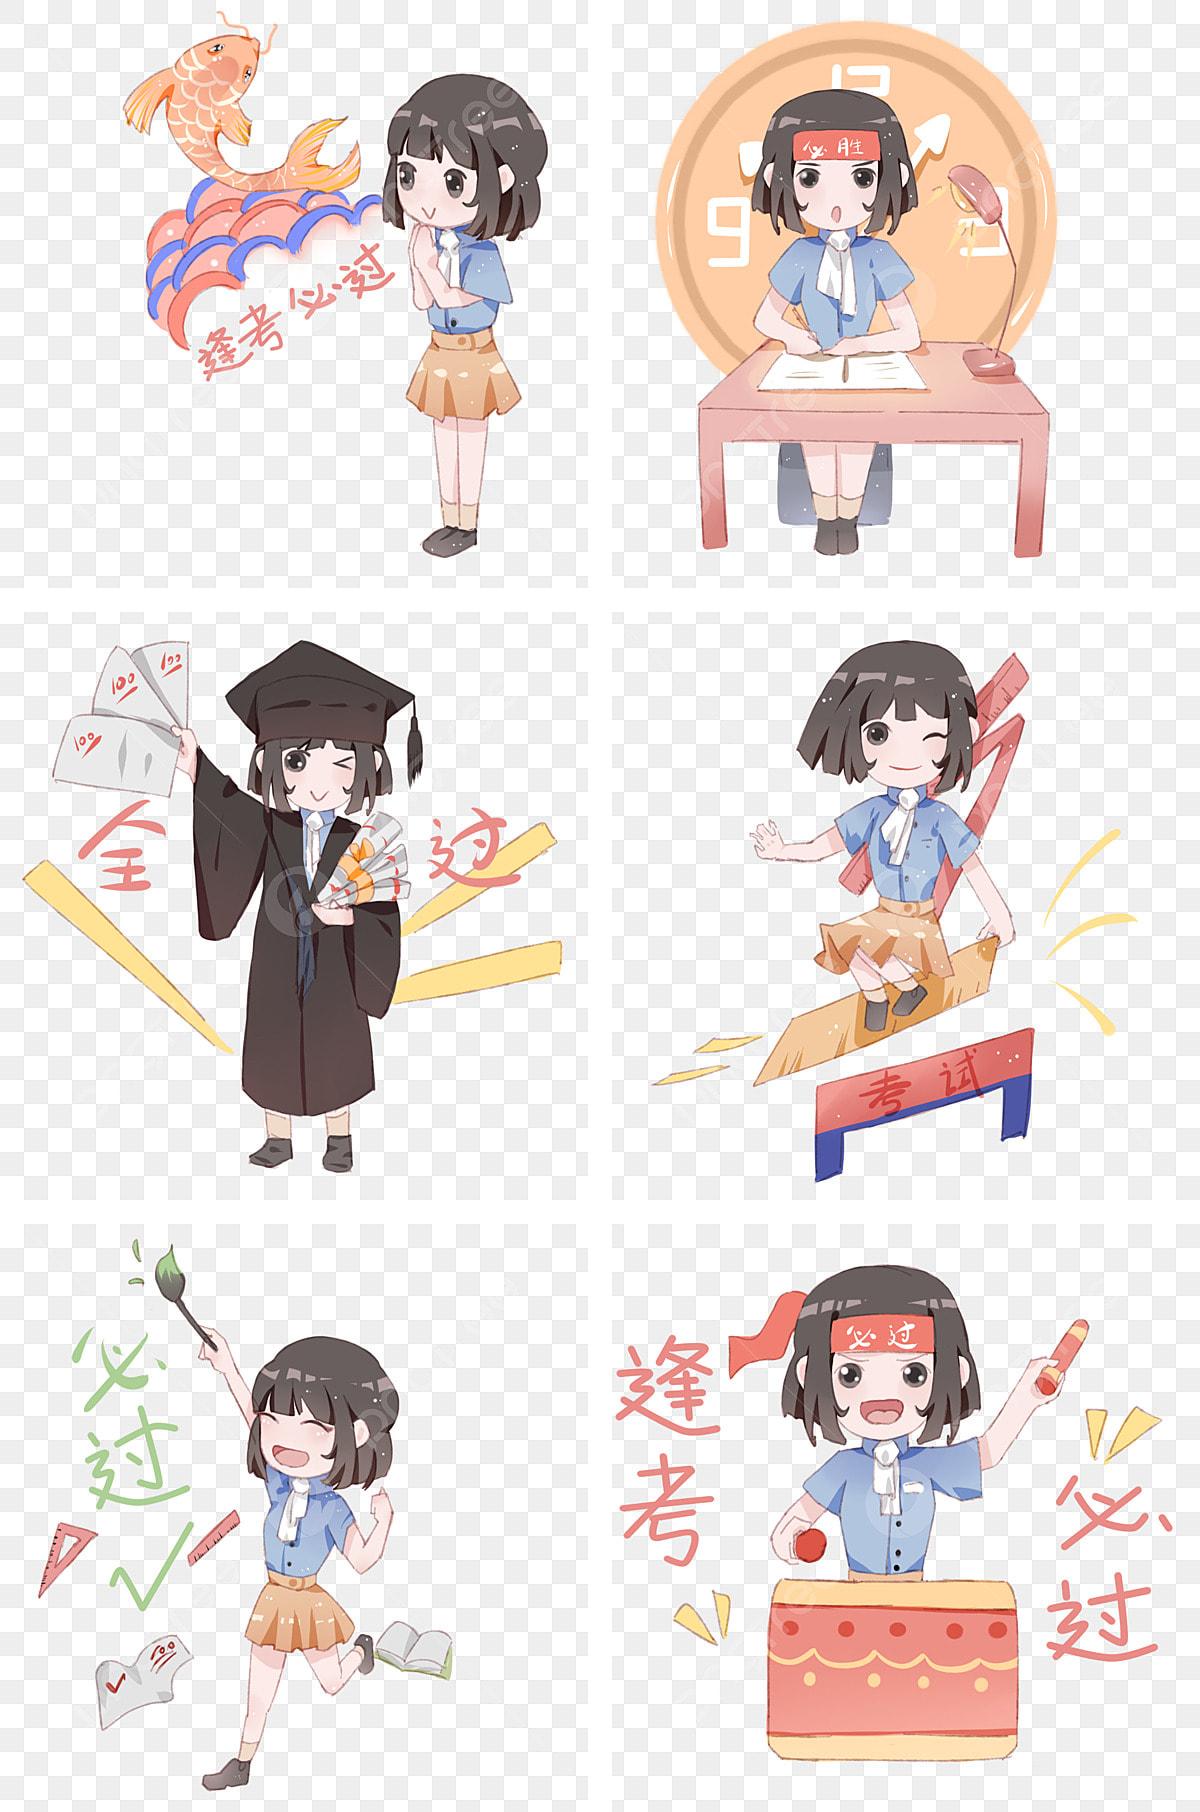 Gambar Lukisan Tangan Gadis Sekolah Mid Istilah Ujian Semester Peperiksaan Setiap Ujian Harus Lulus Gadis Kartun Setiap Ujian Harus Lulus Peperiksaan Gadis Png Dan Psd Untuk Muat Turun Percuma